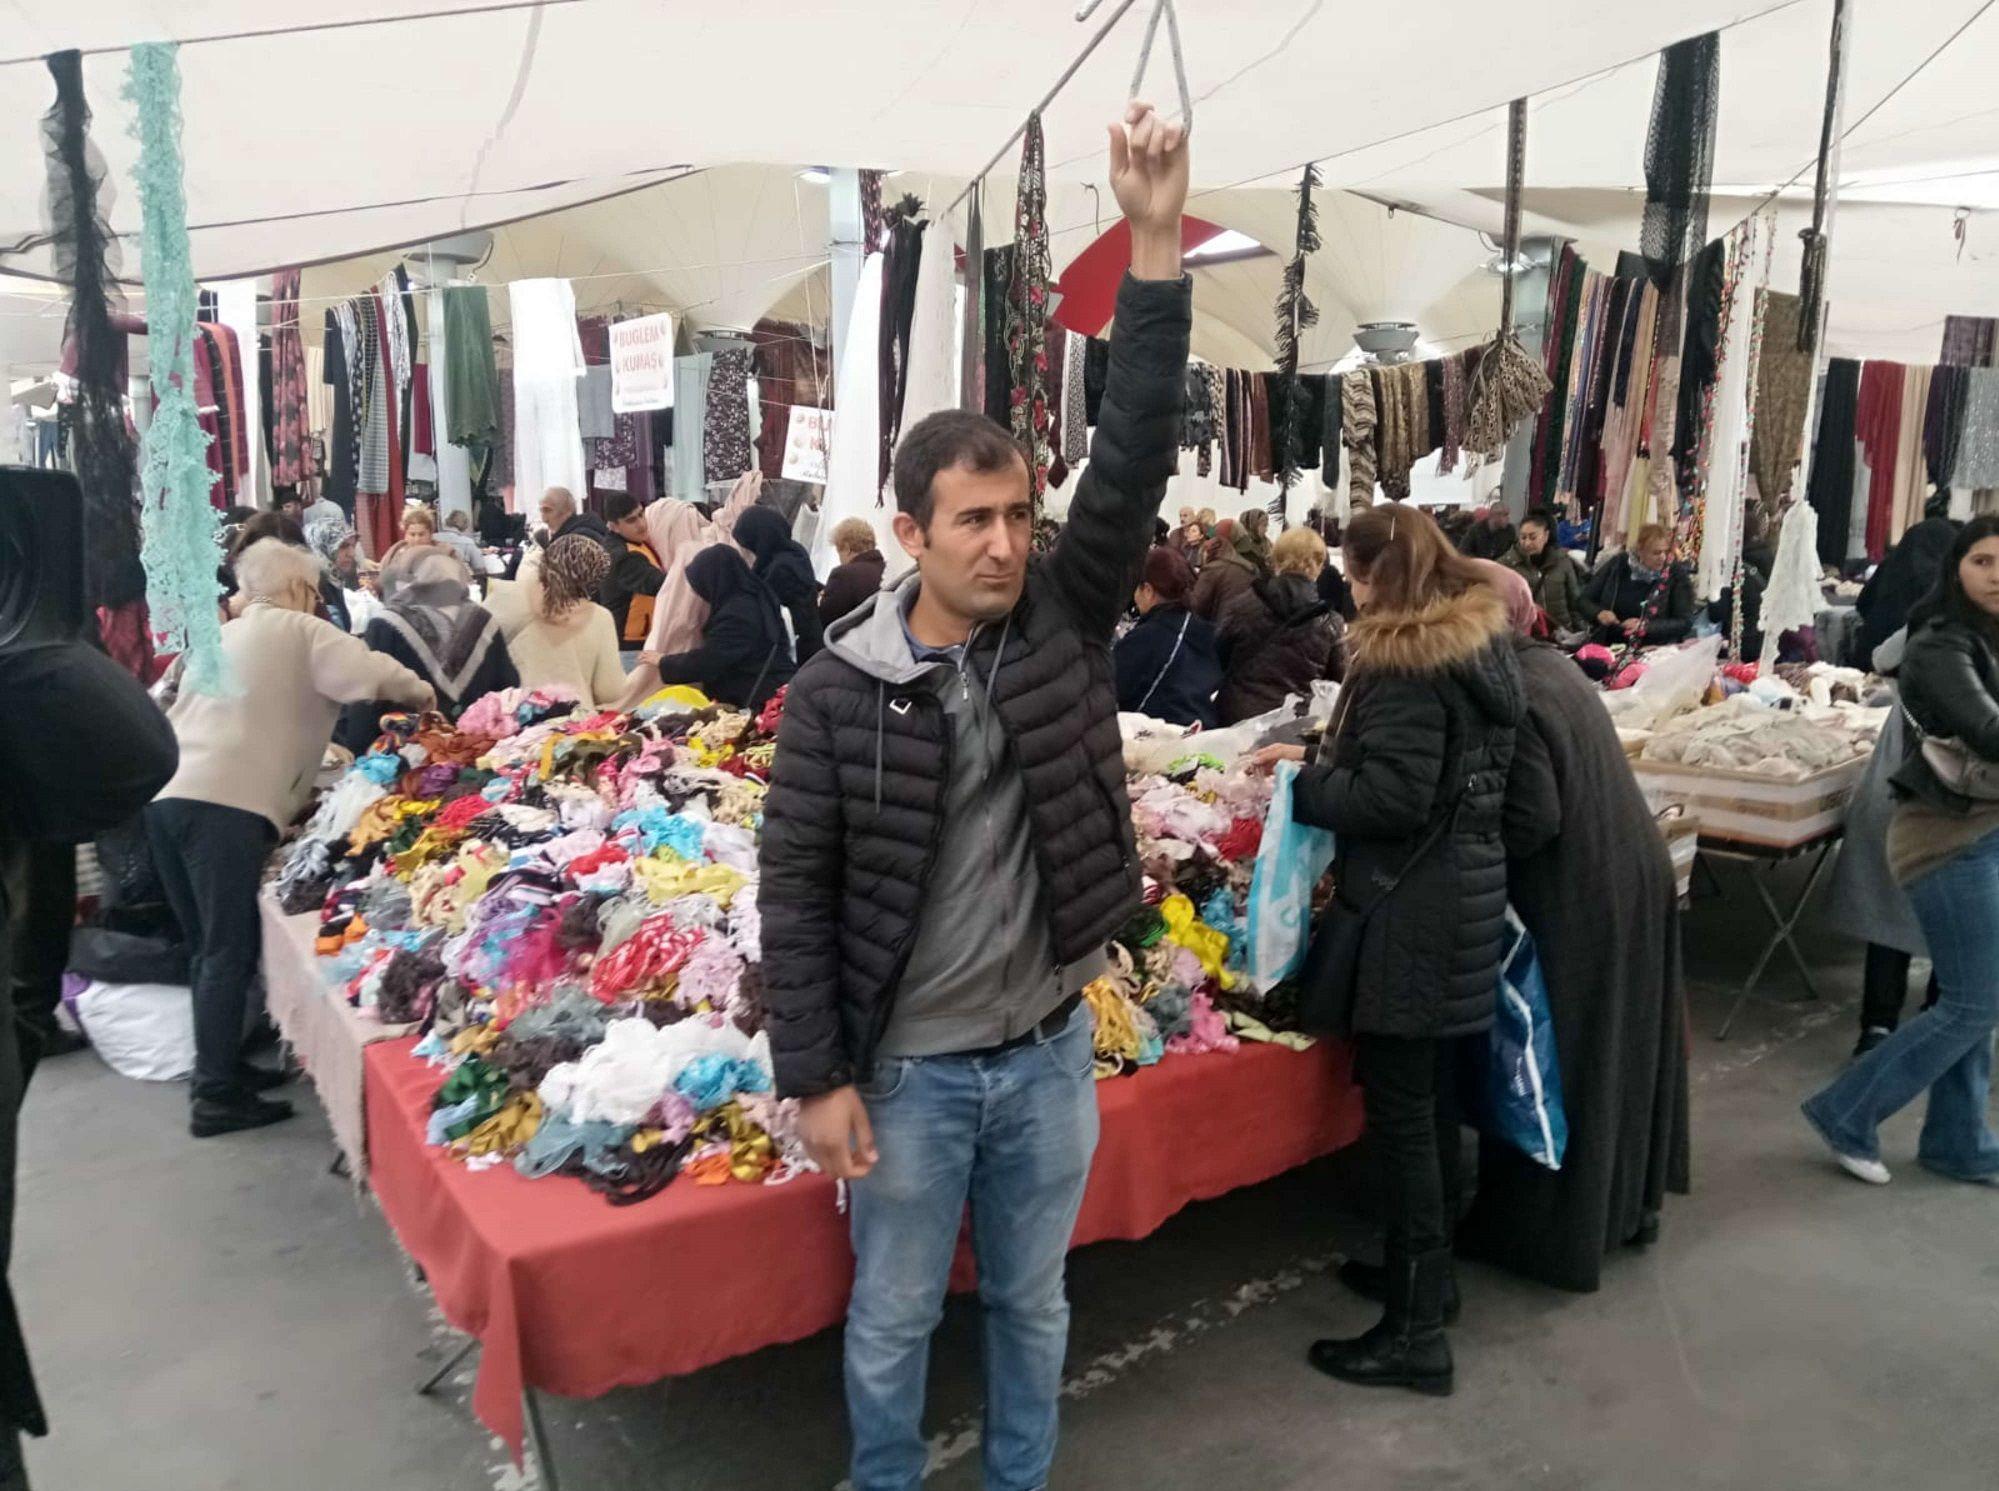 Kadıköy'de Mehmet Pekcan isimli pazarcının eli, çadırın ipine takılınca şiddetli rüzgarla birlikte metrelerce havalandı.